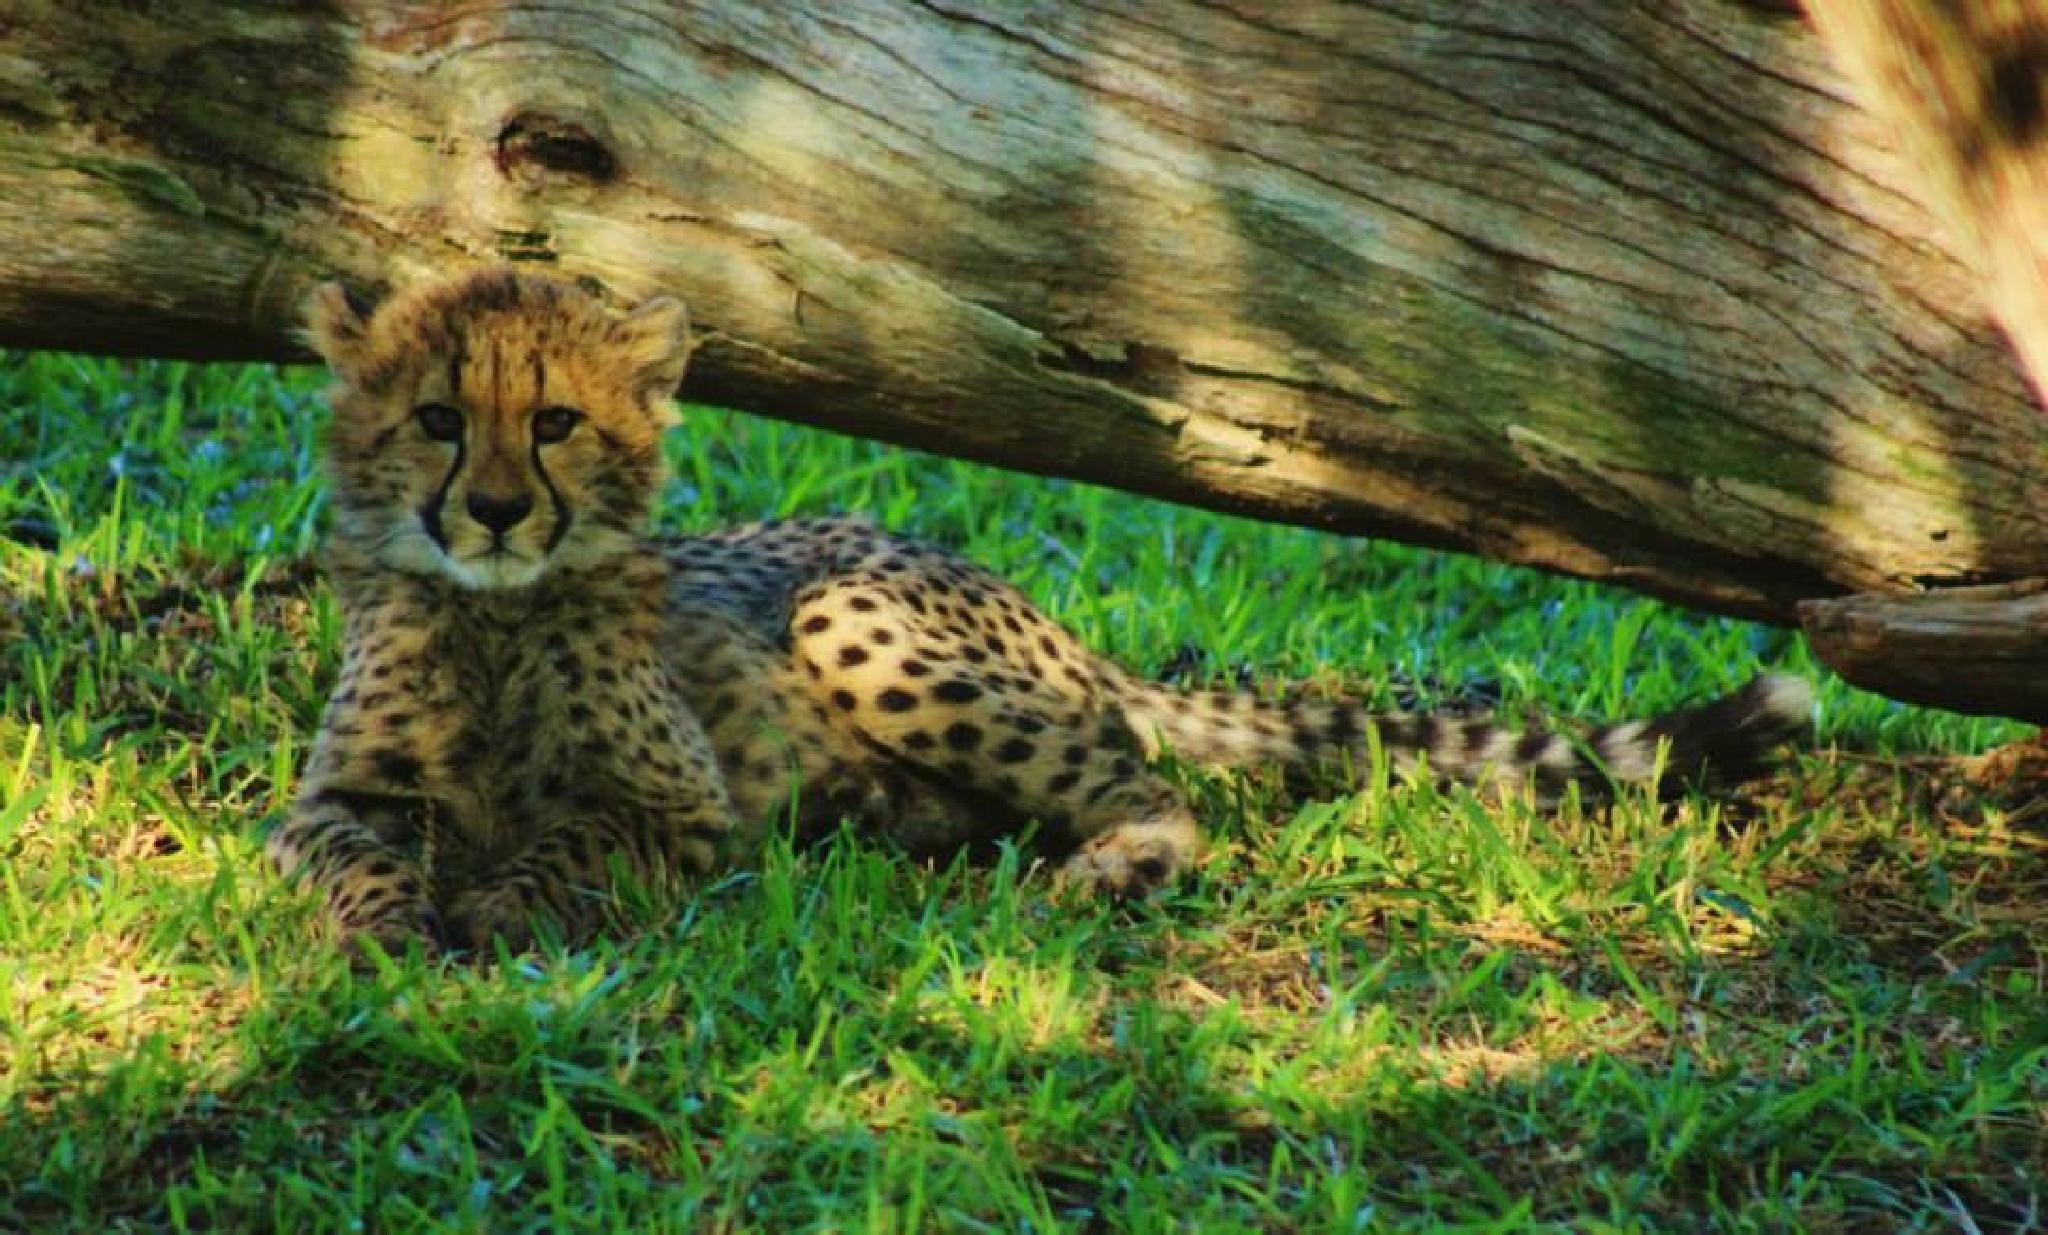 Cheetah cub by michelle.r.tinkham